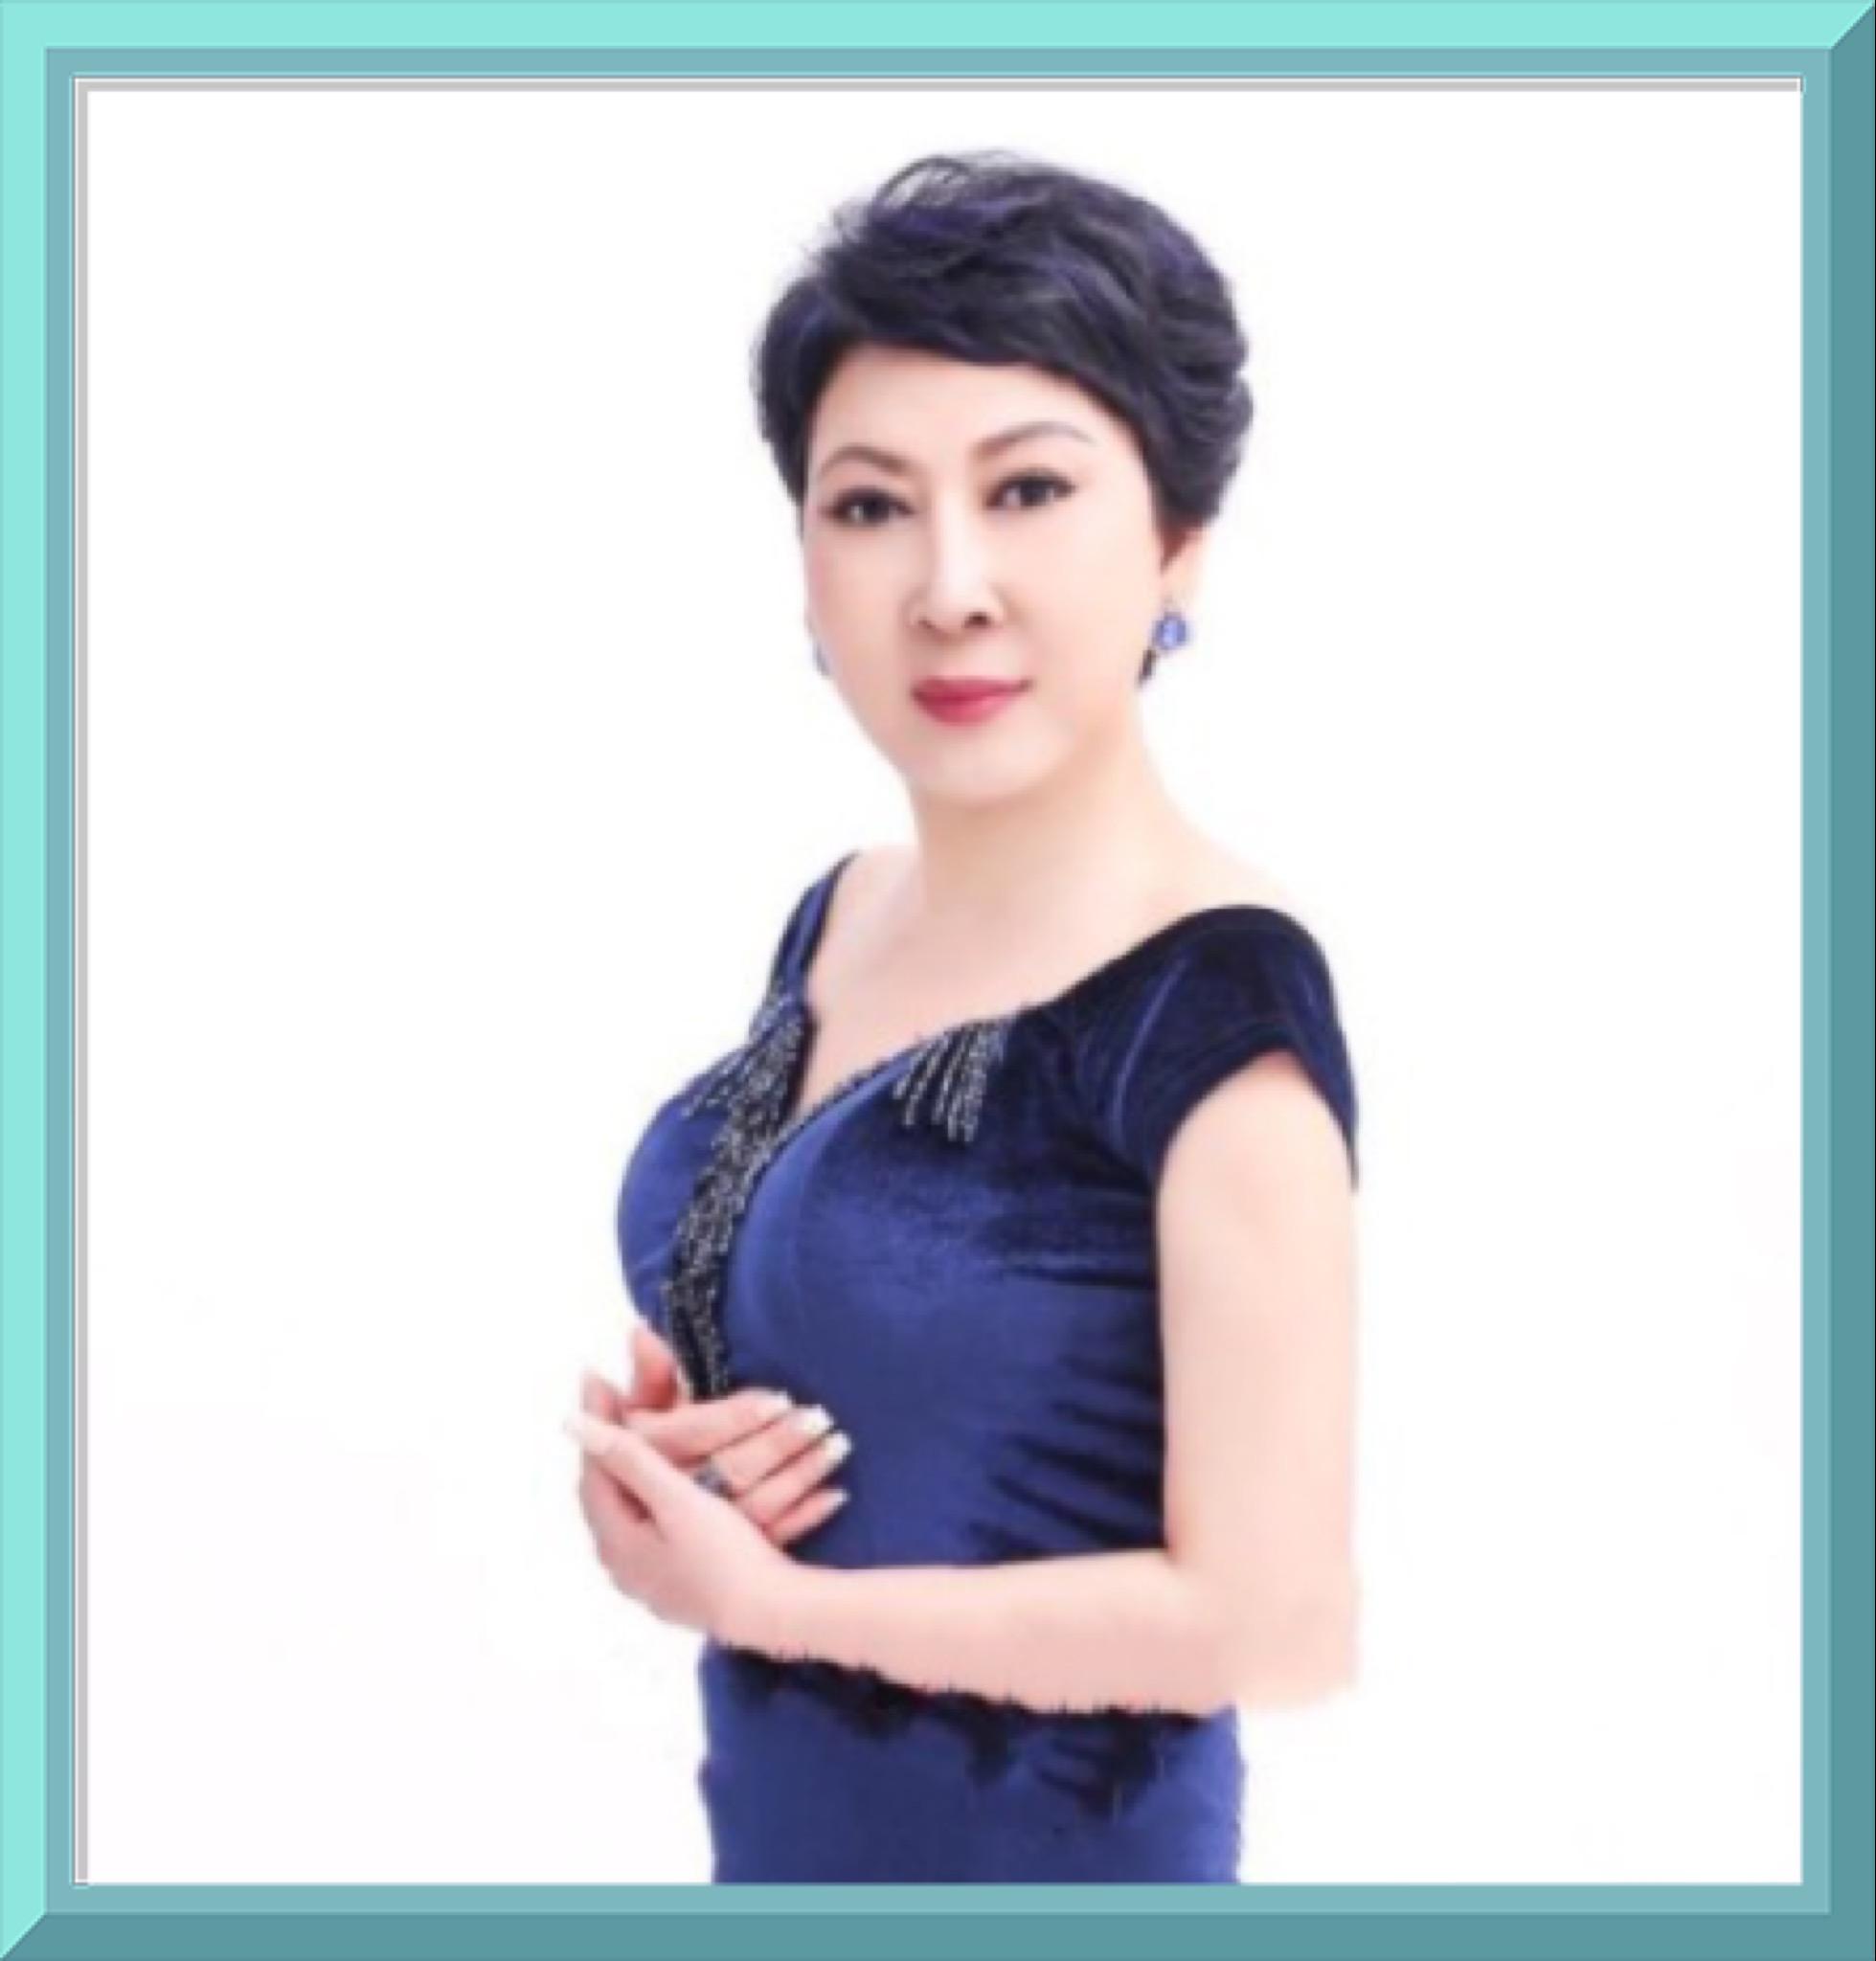 蒙骨肽品牌创始人王荷玲2021年新年贺词